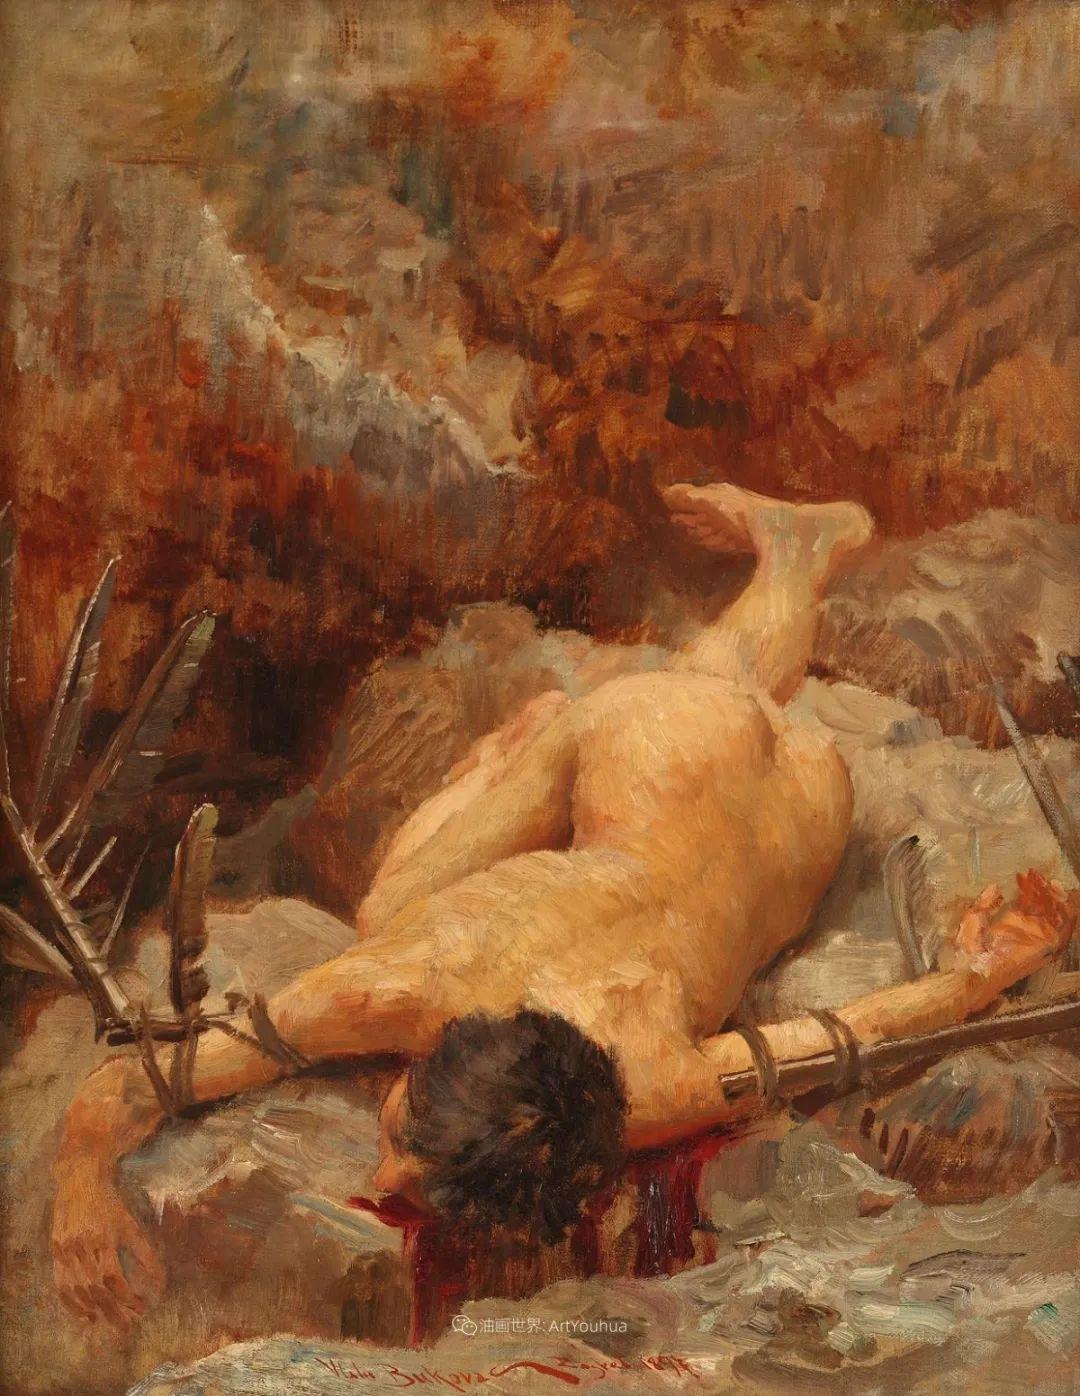 罗地亚杰出油画艺术大师 布科瓦茨的油画插图15